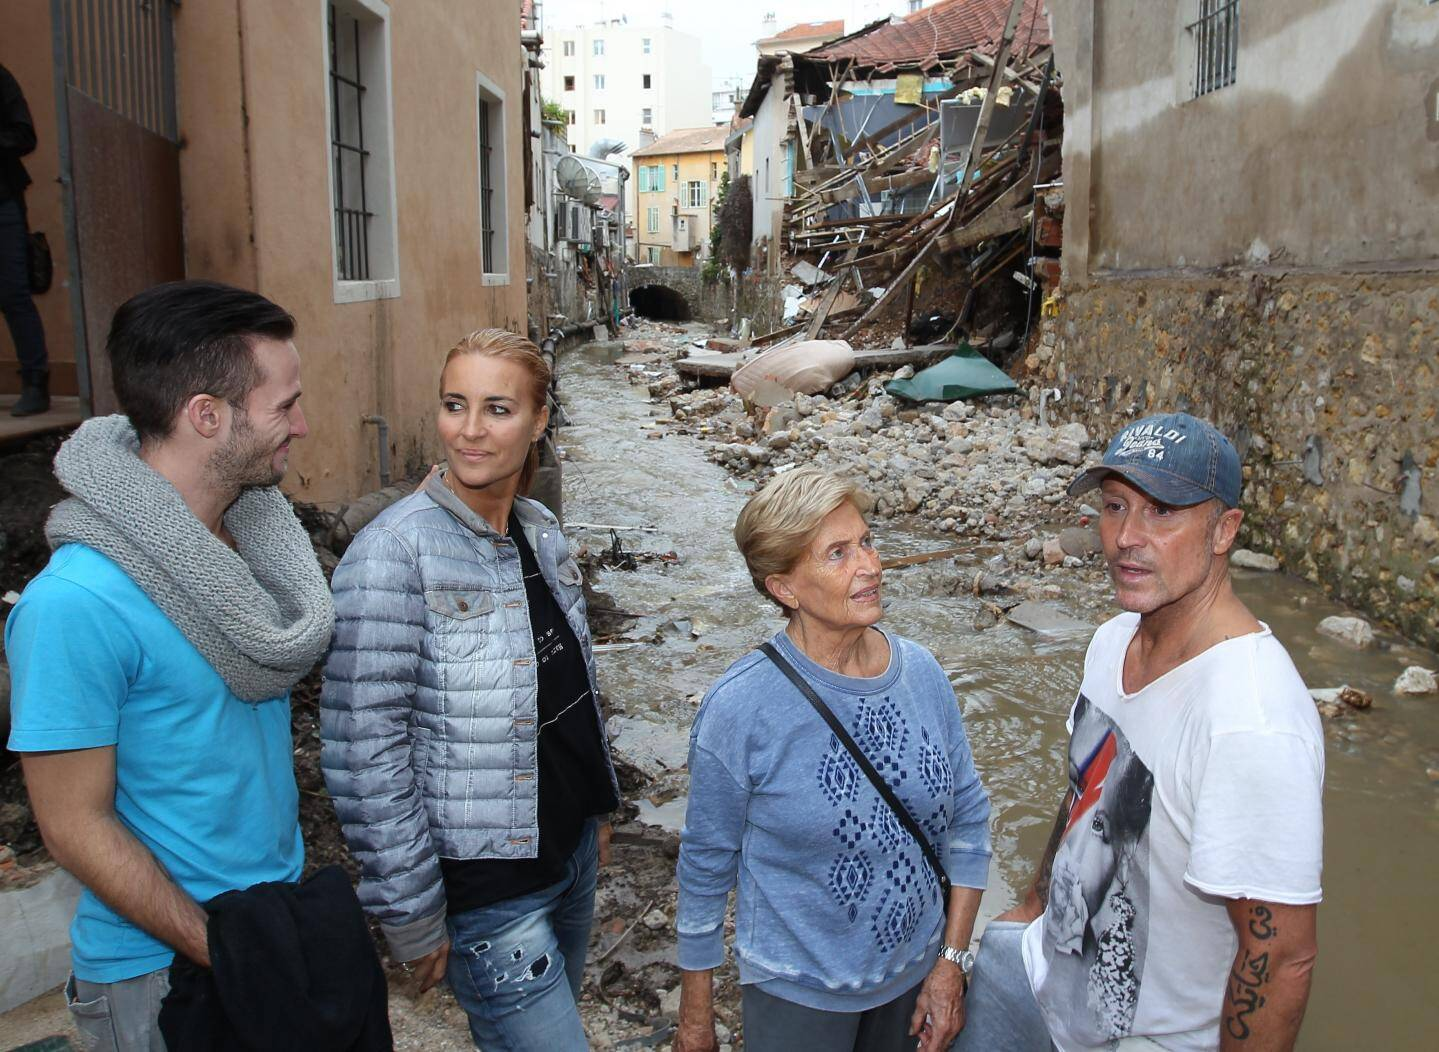 Les ruines de l'école de danse après les inondations du 3 octobre 2015.